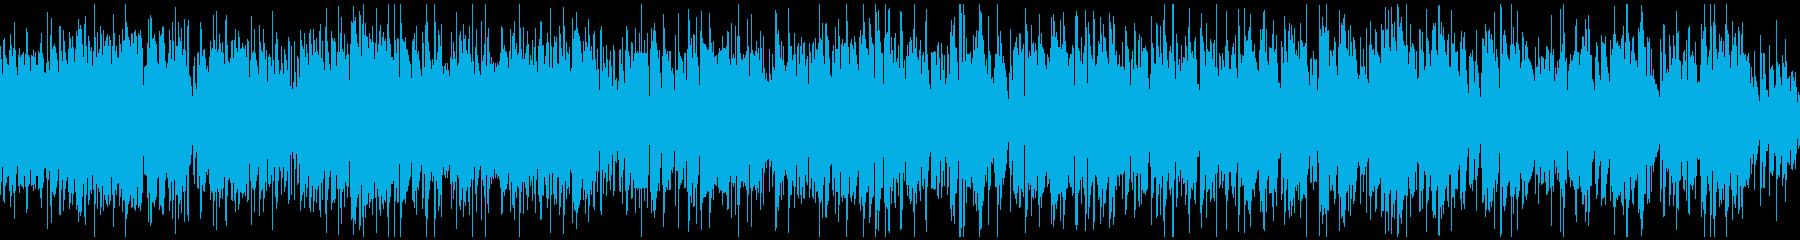 ノリノリなジャズサンバ、南国 ※ループ版の再生済みの波形